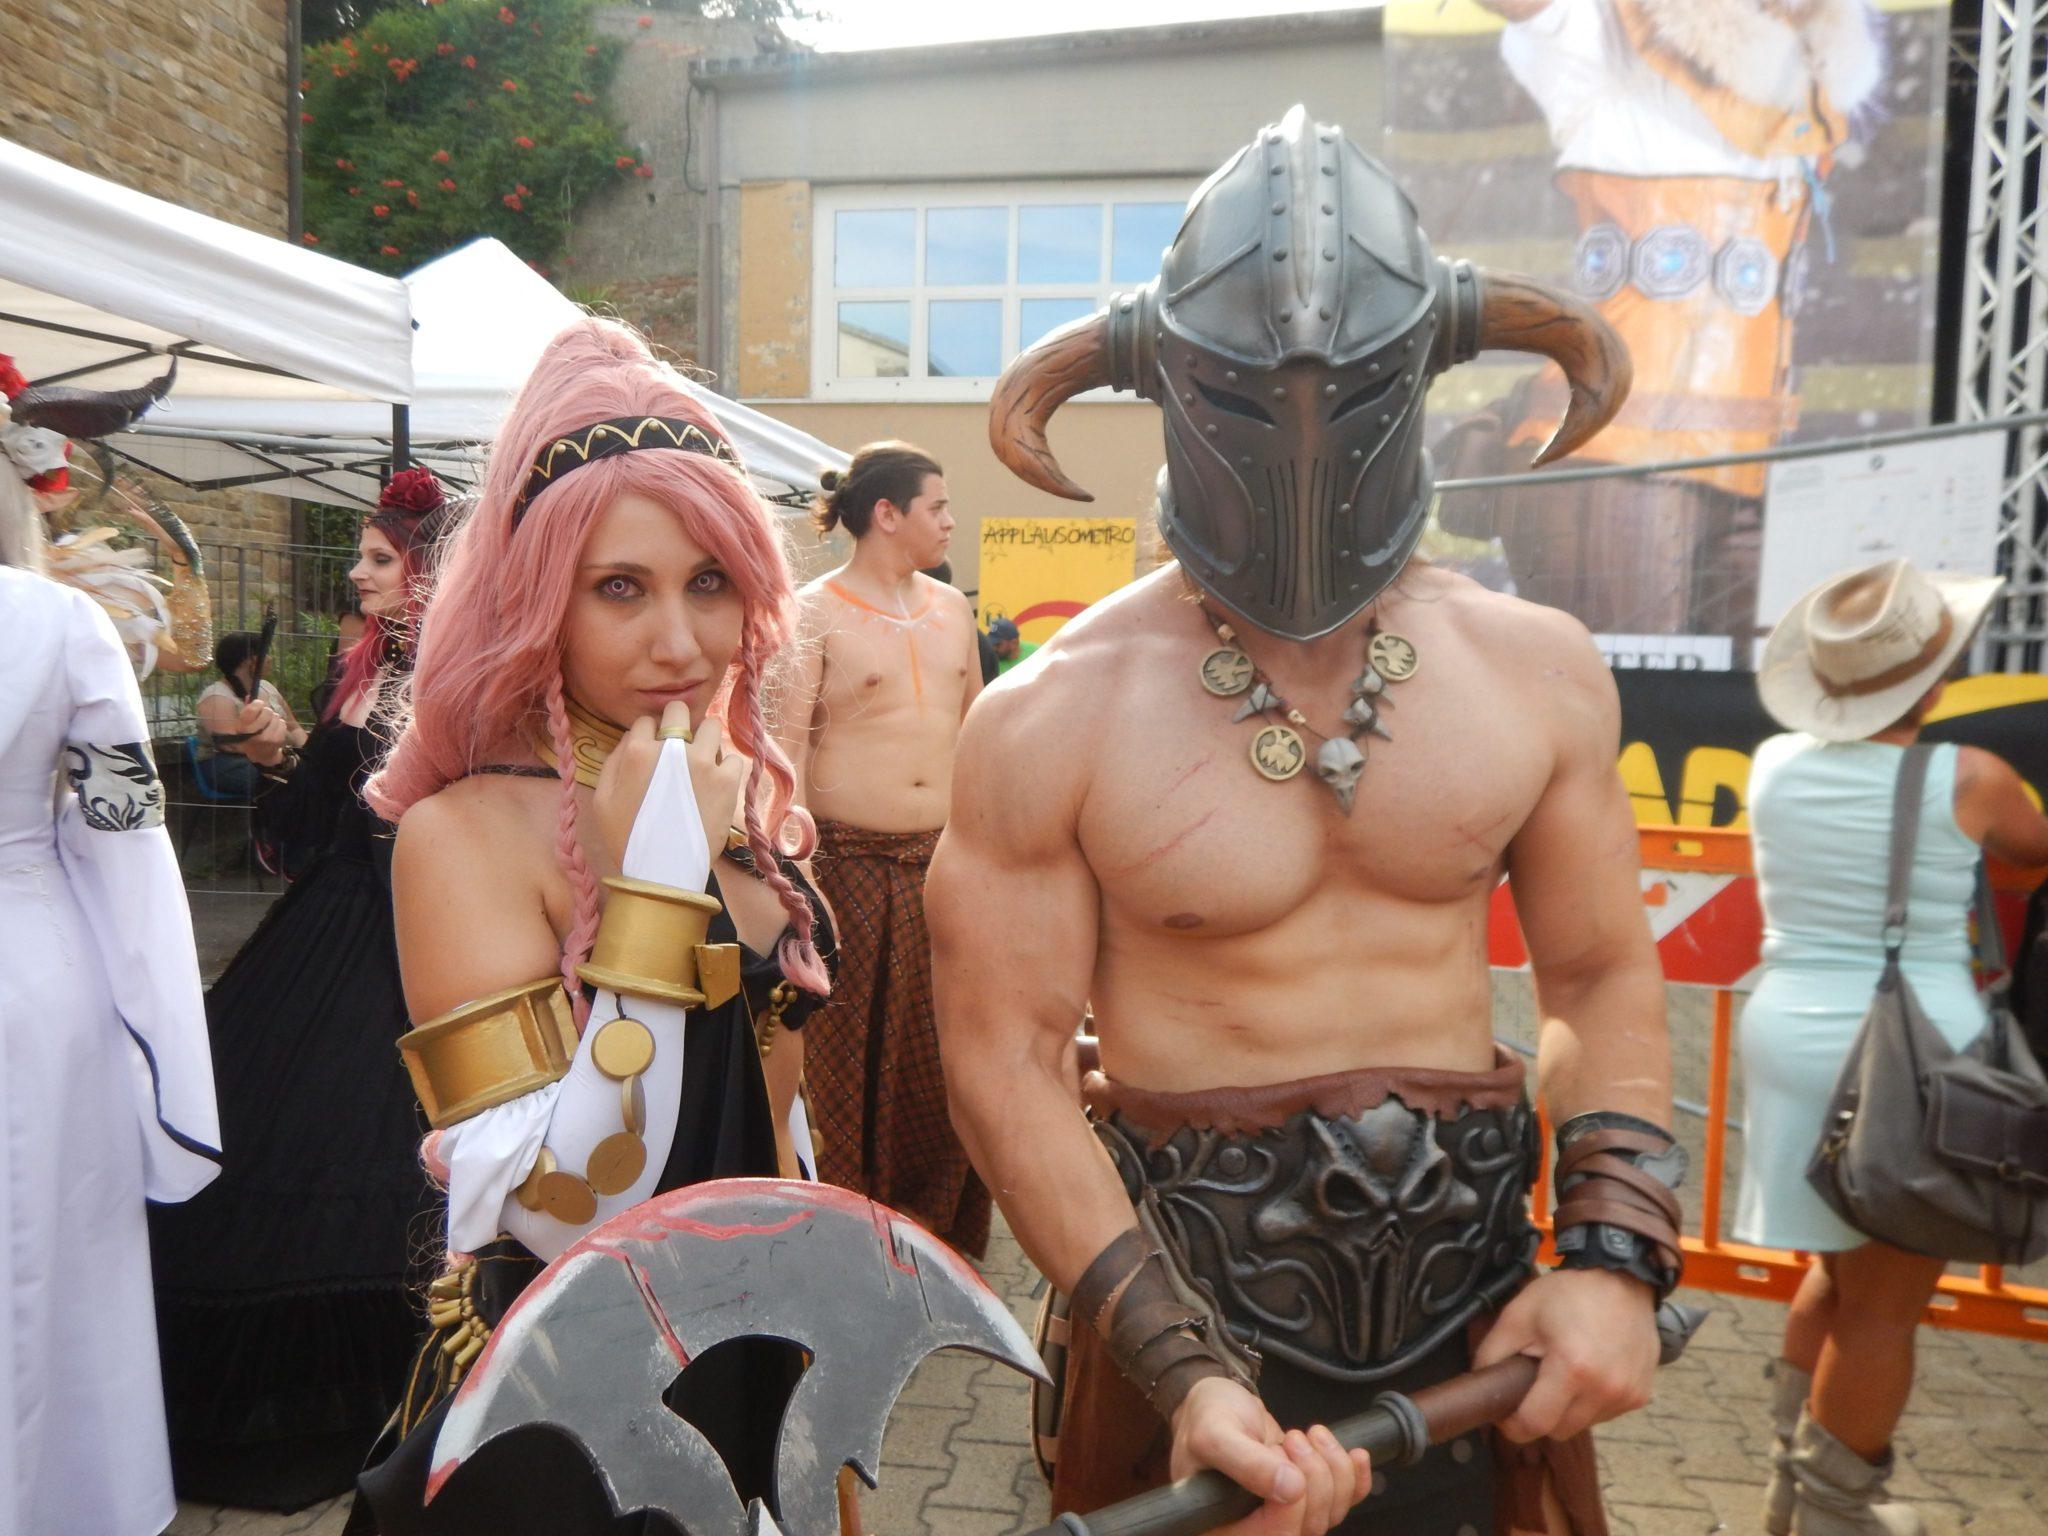 Festa dell'Unicorno: molto più di un semplice comicon